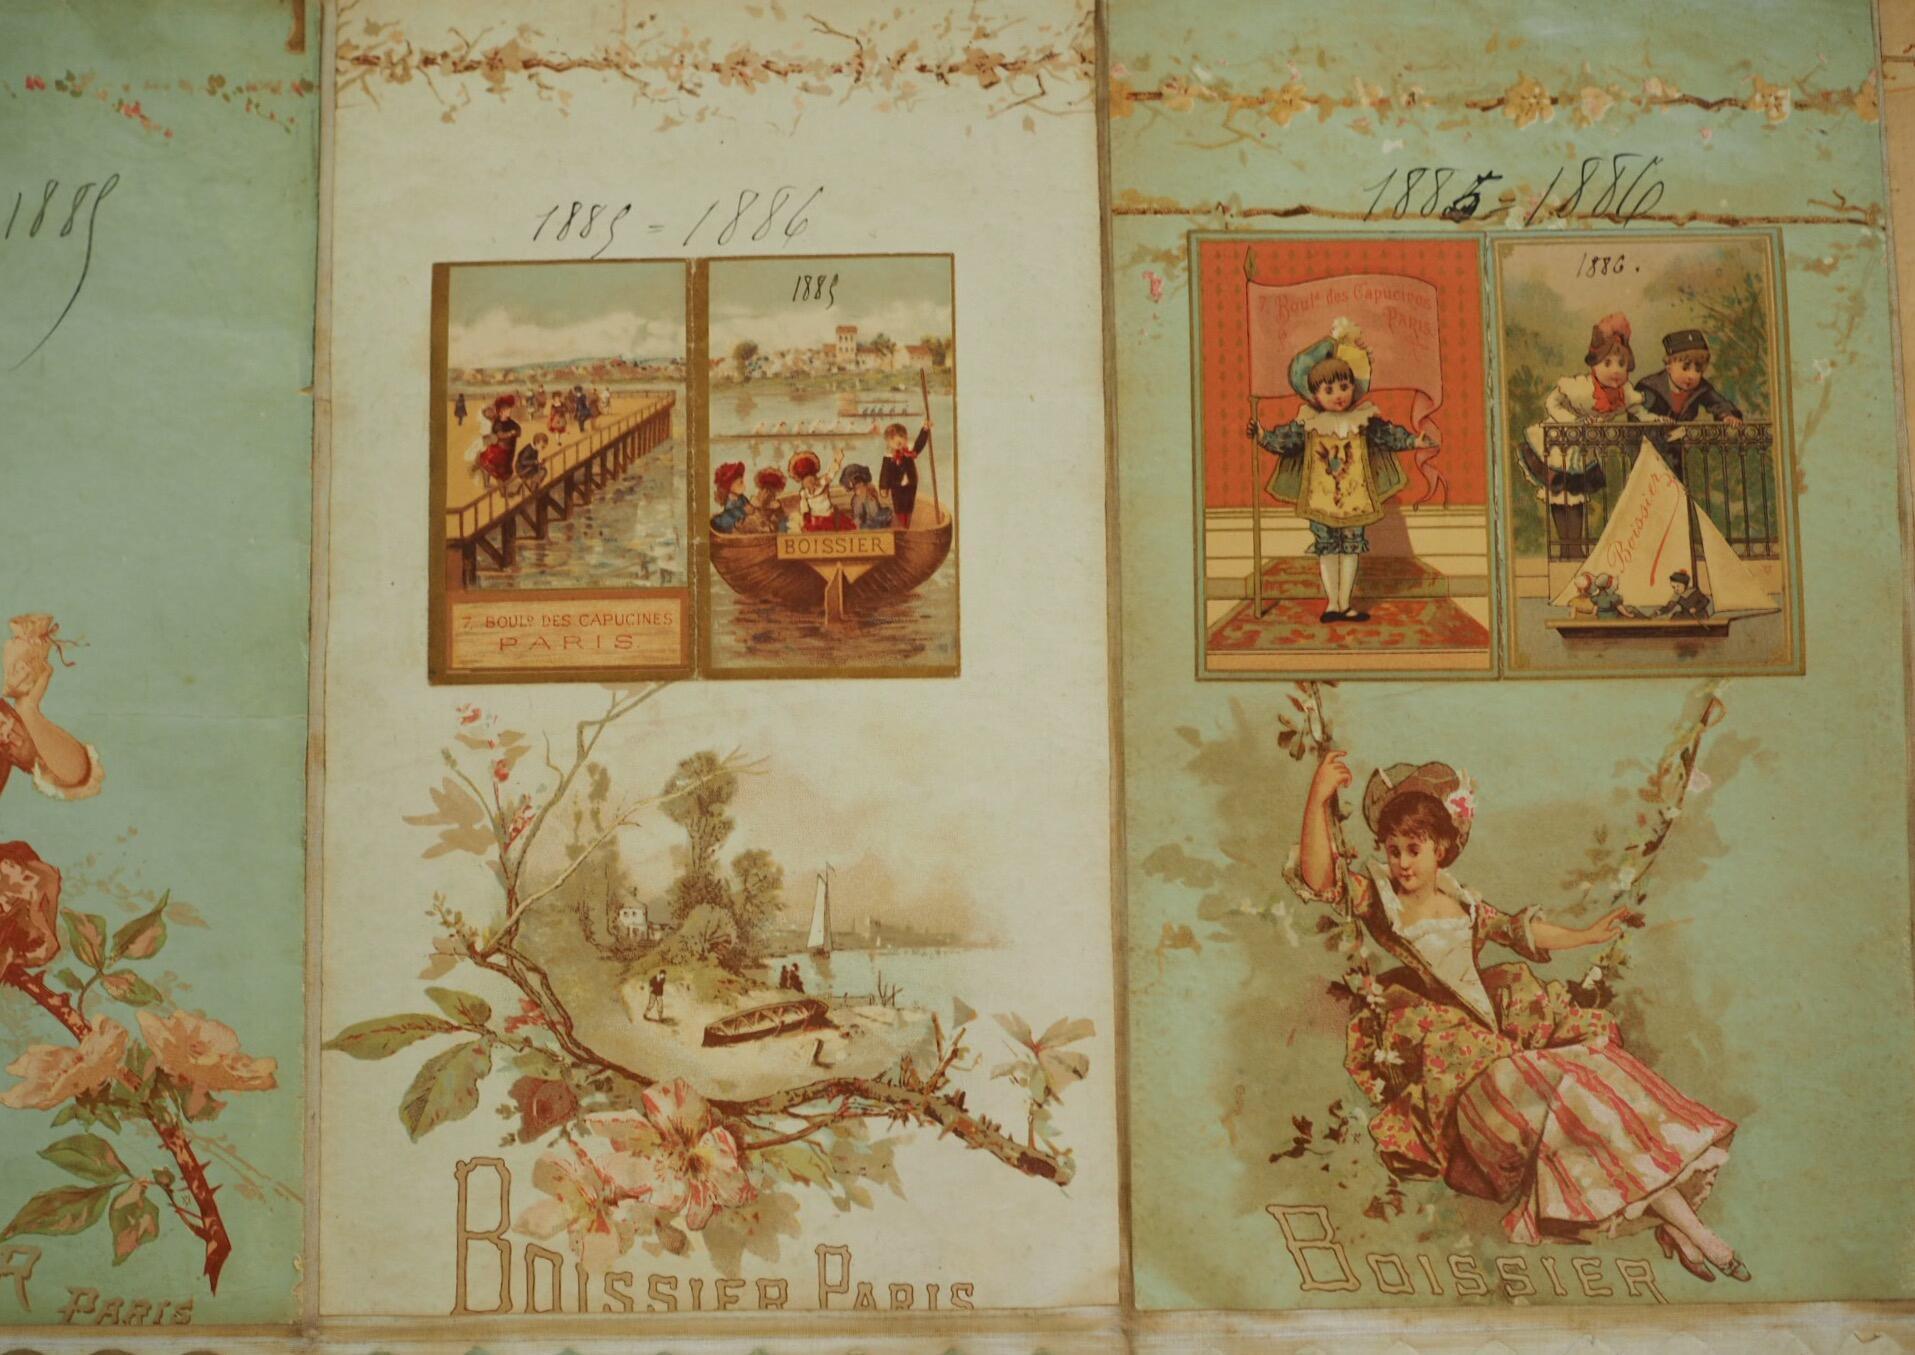 Datant de 1885, les emballages Boissier demeurent élégants.